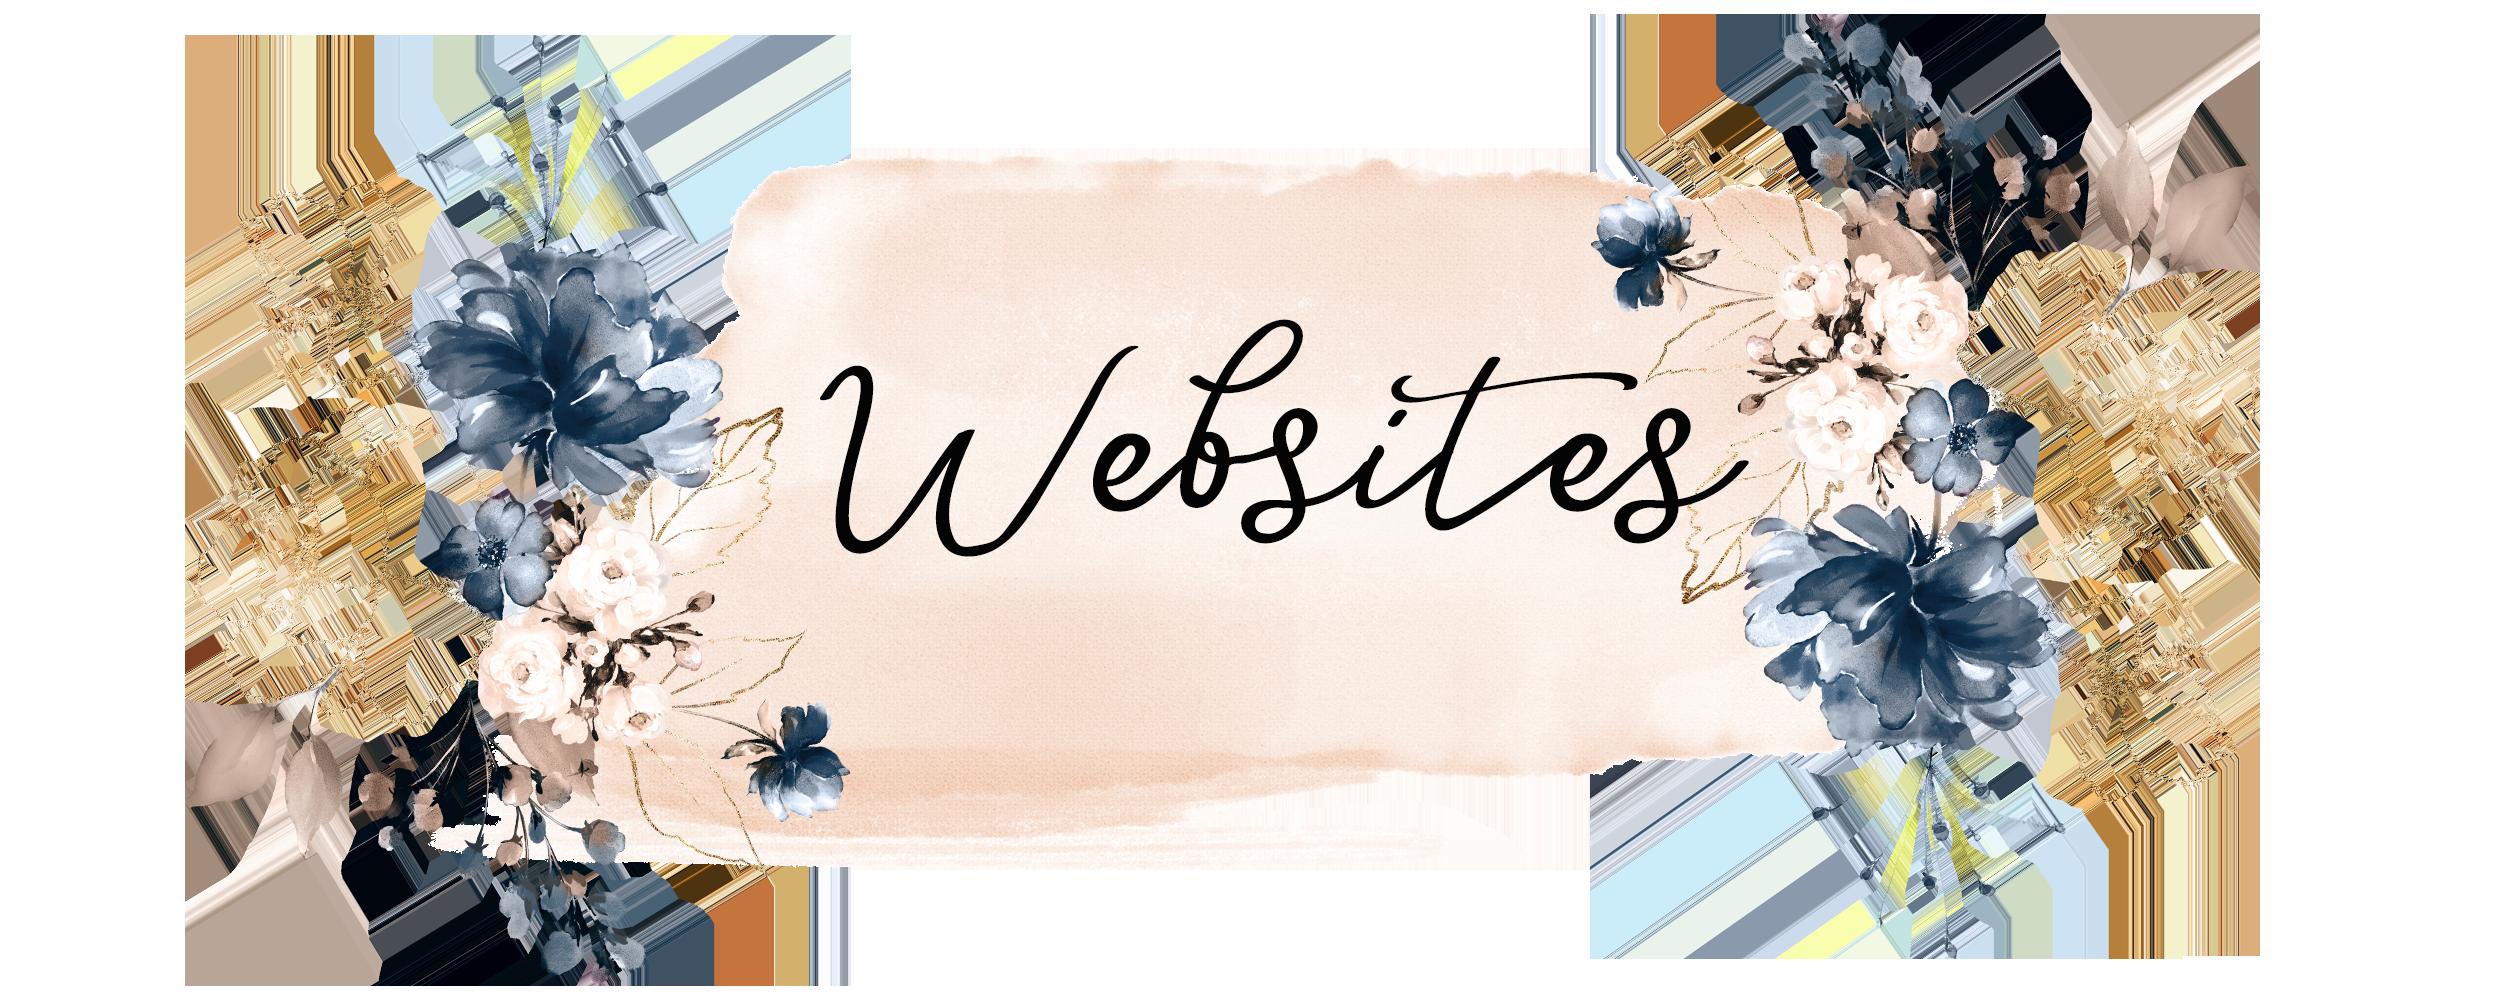 Websites Banner.png